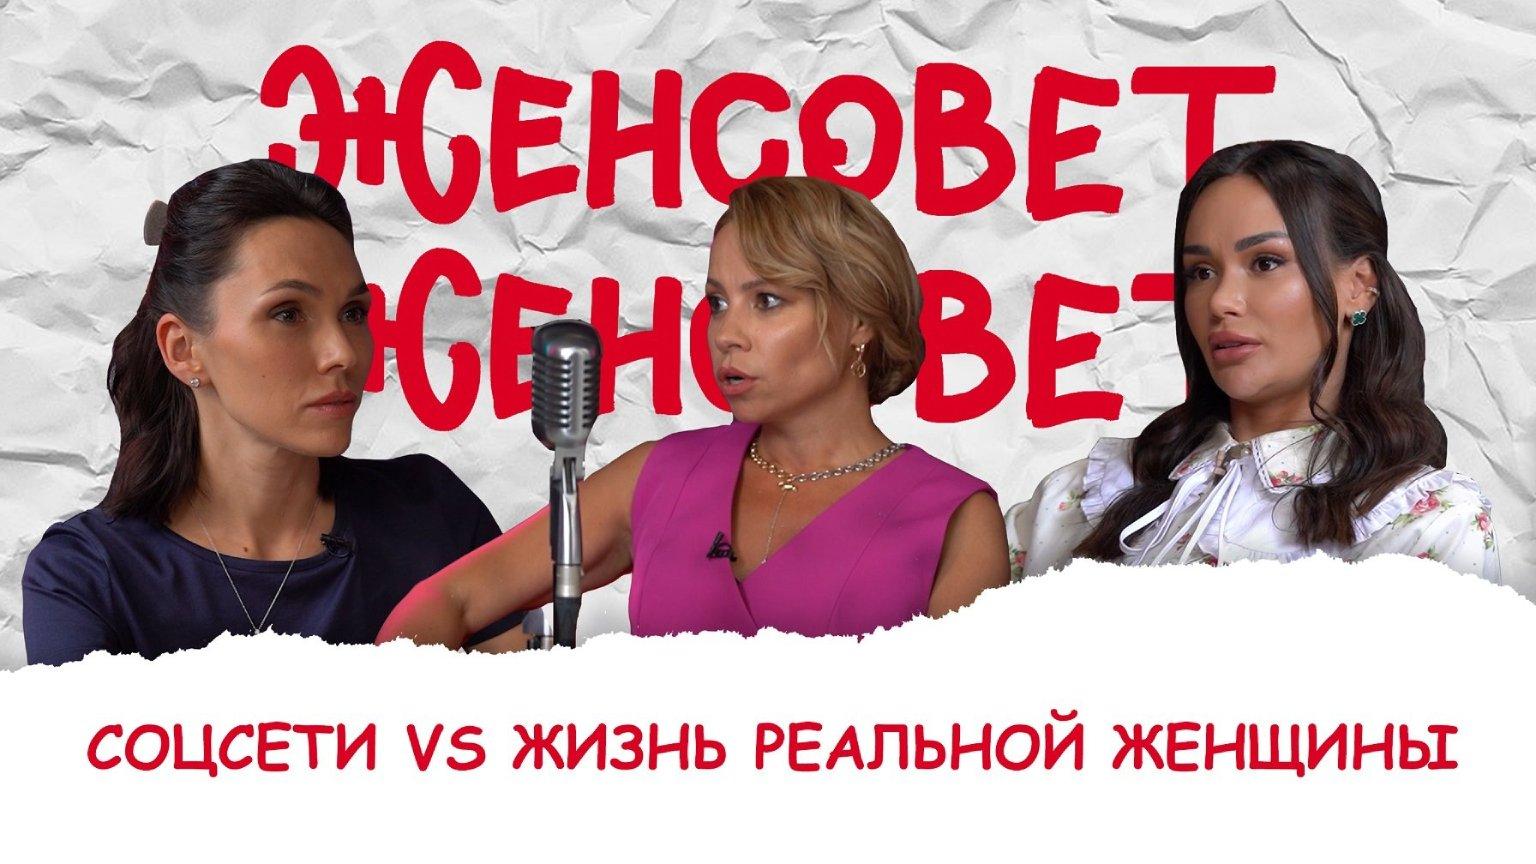 Женсовет_выпуск 5_промобаннер